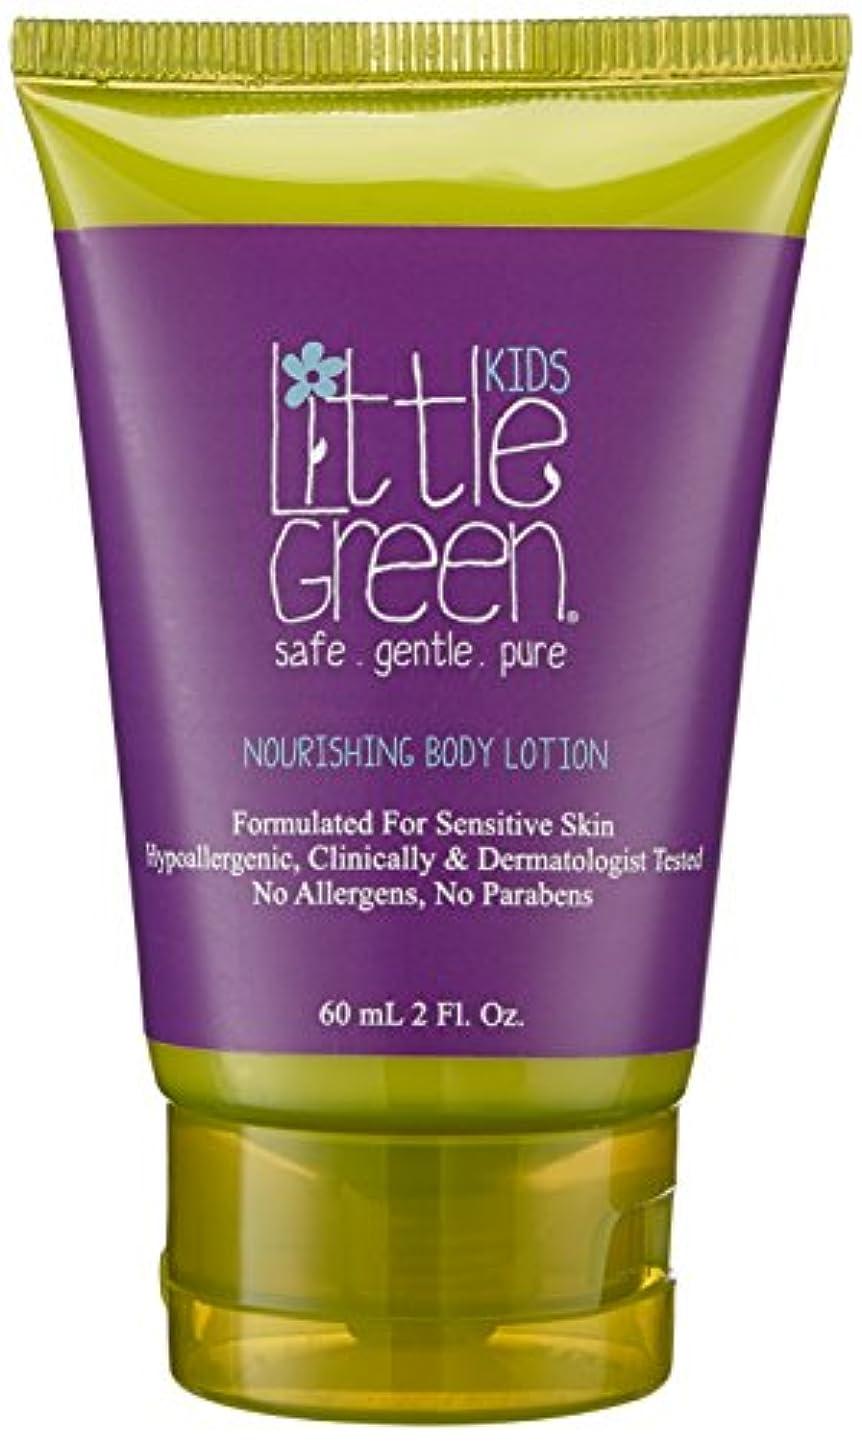 忘れる忠誠揮発性Little Green ボディローション、2オズ栄養キッズ。 2オンス 緑